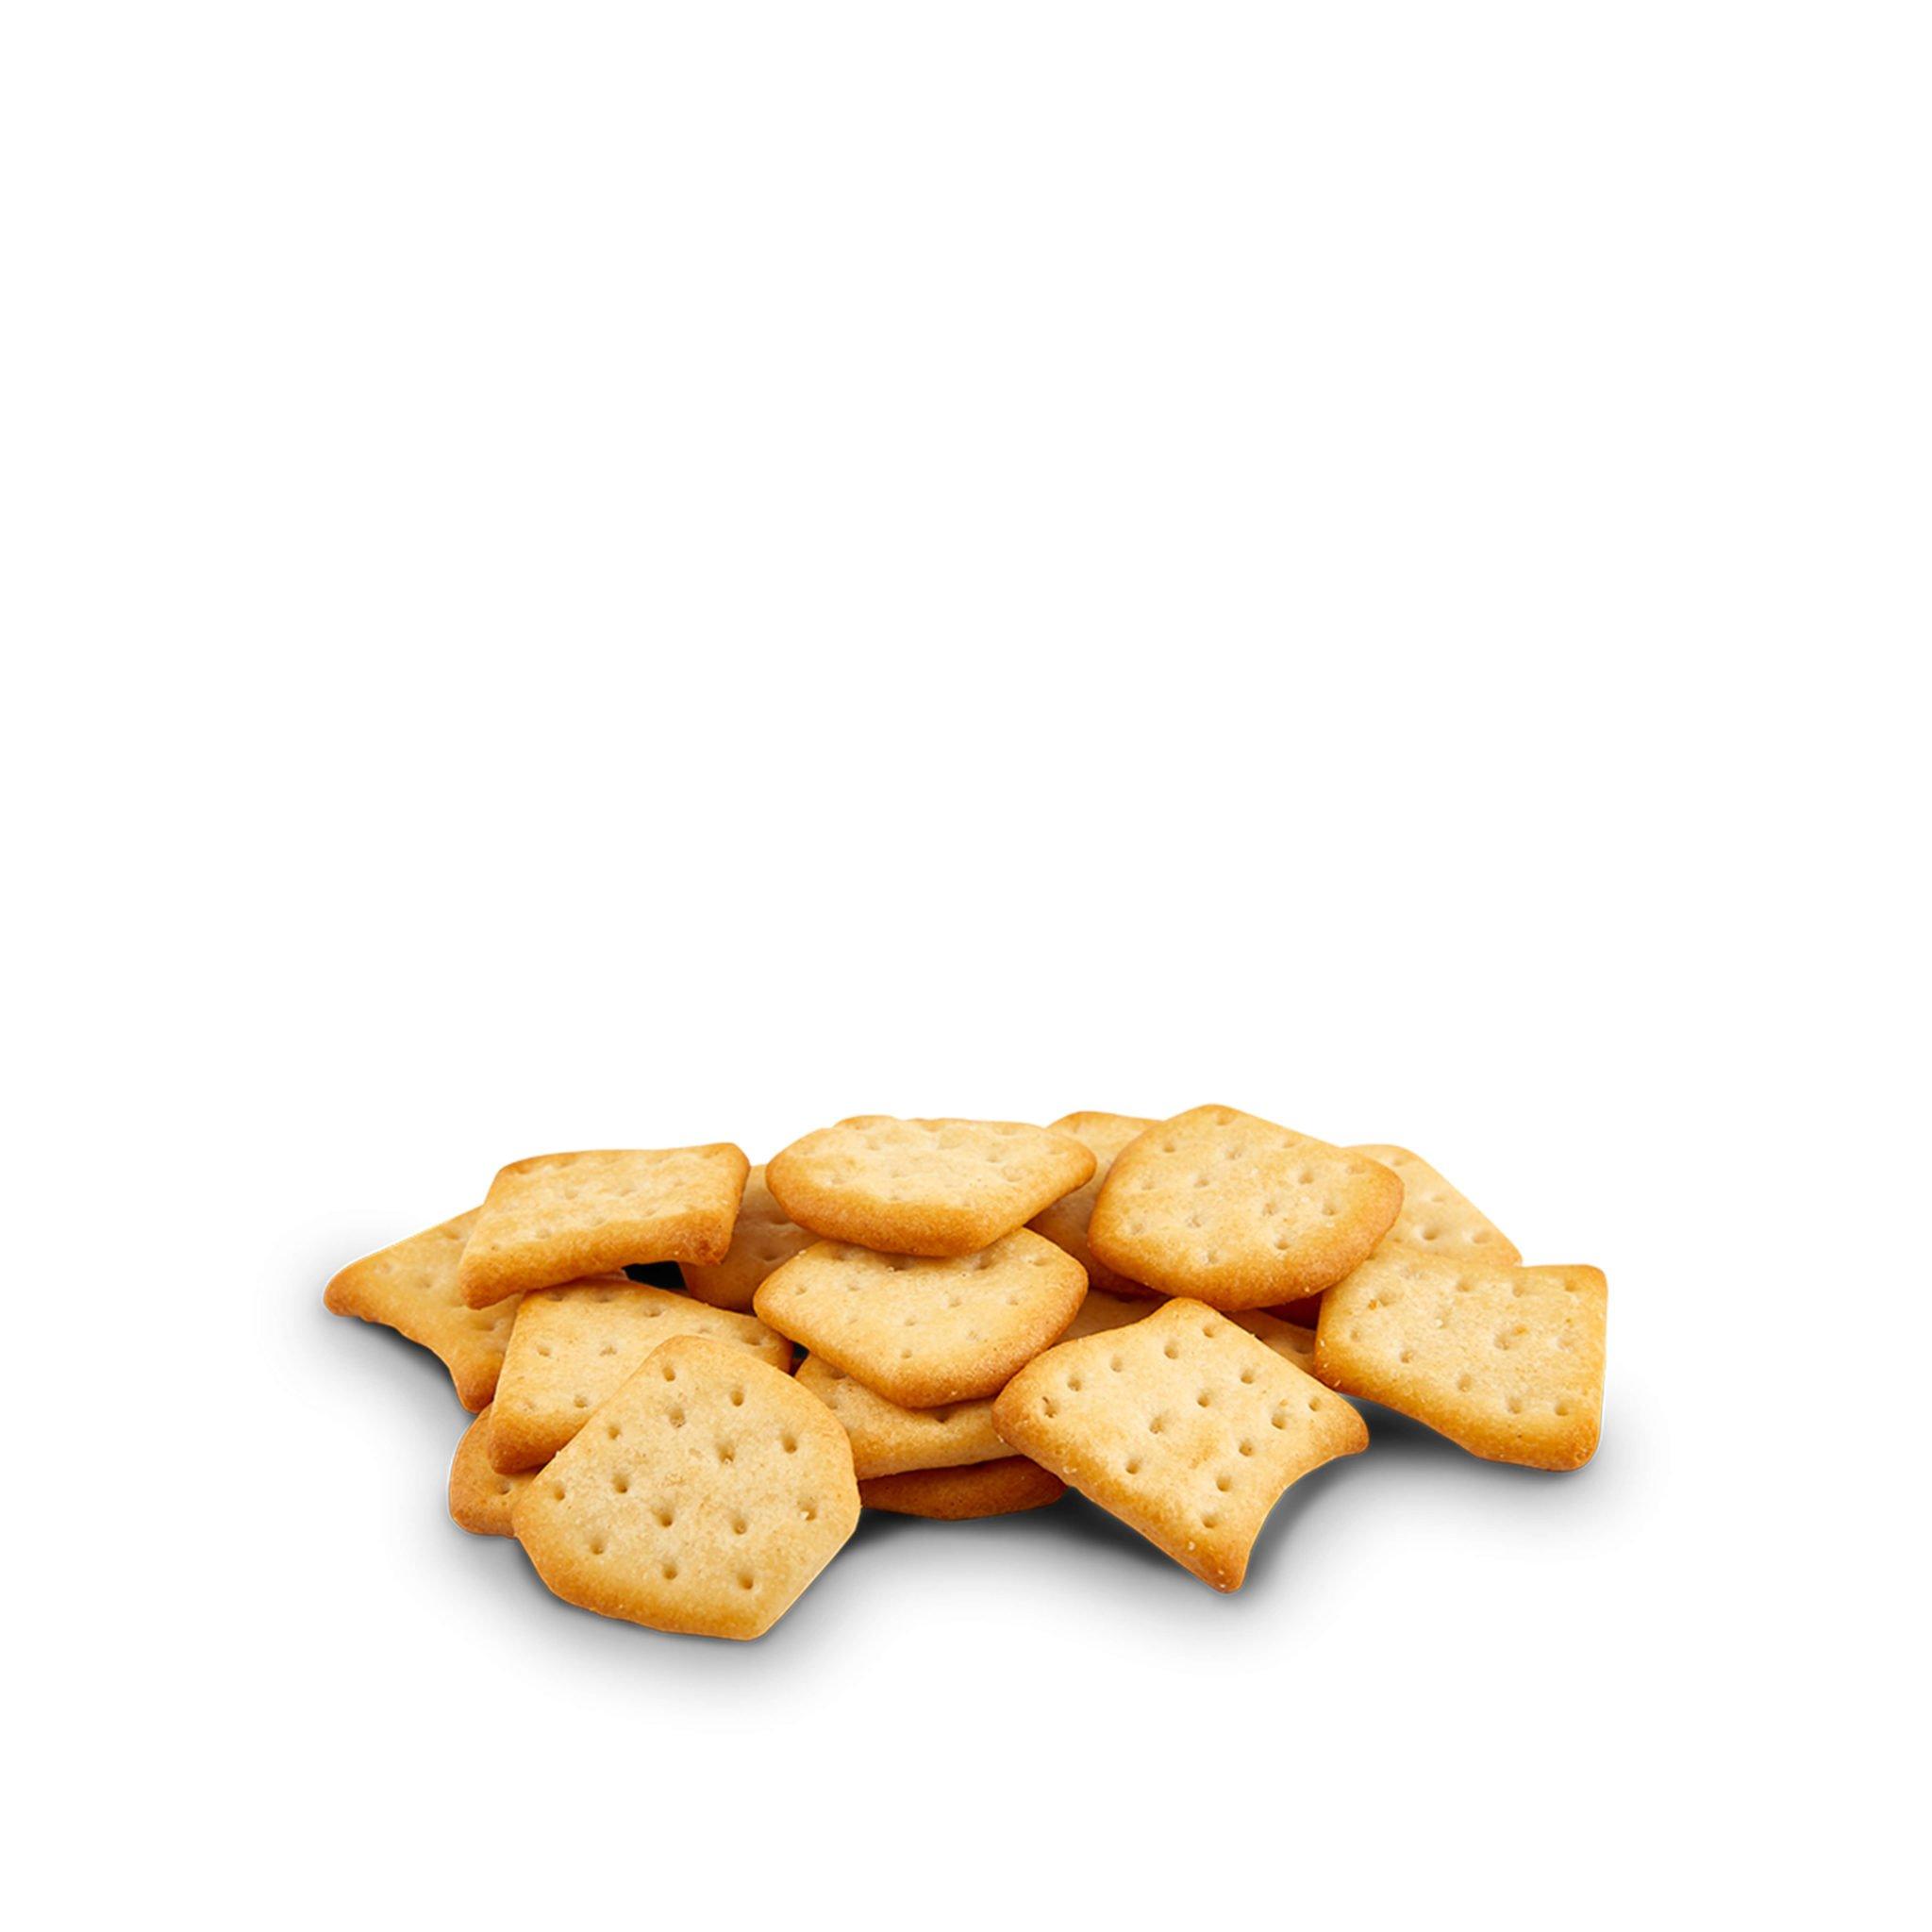 salados_crackers_cheddar_02